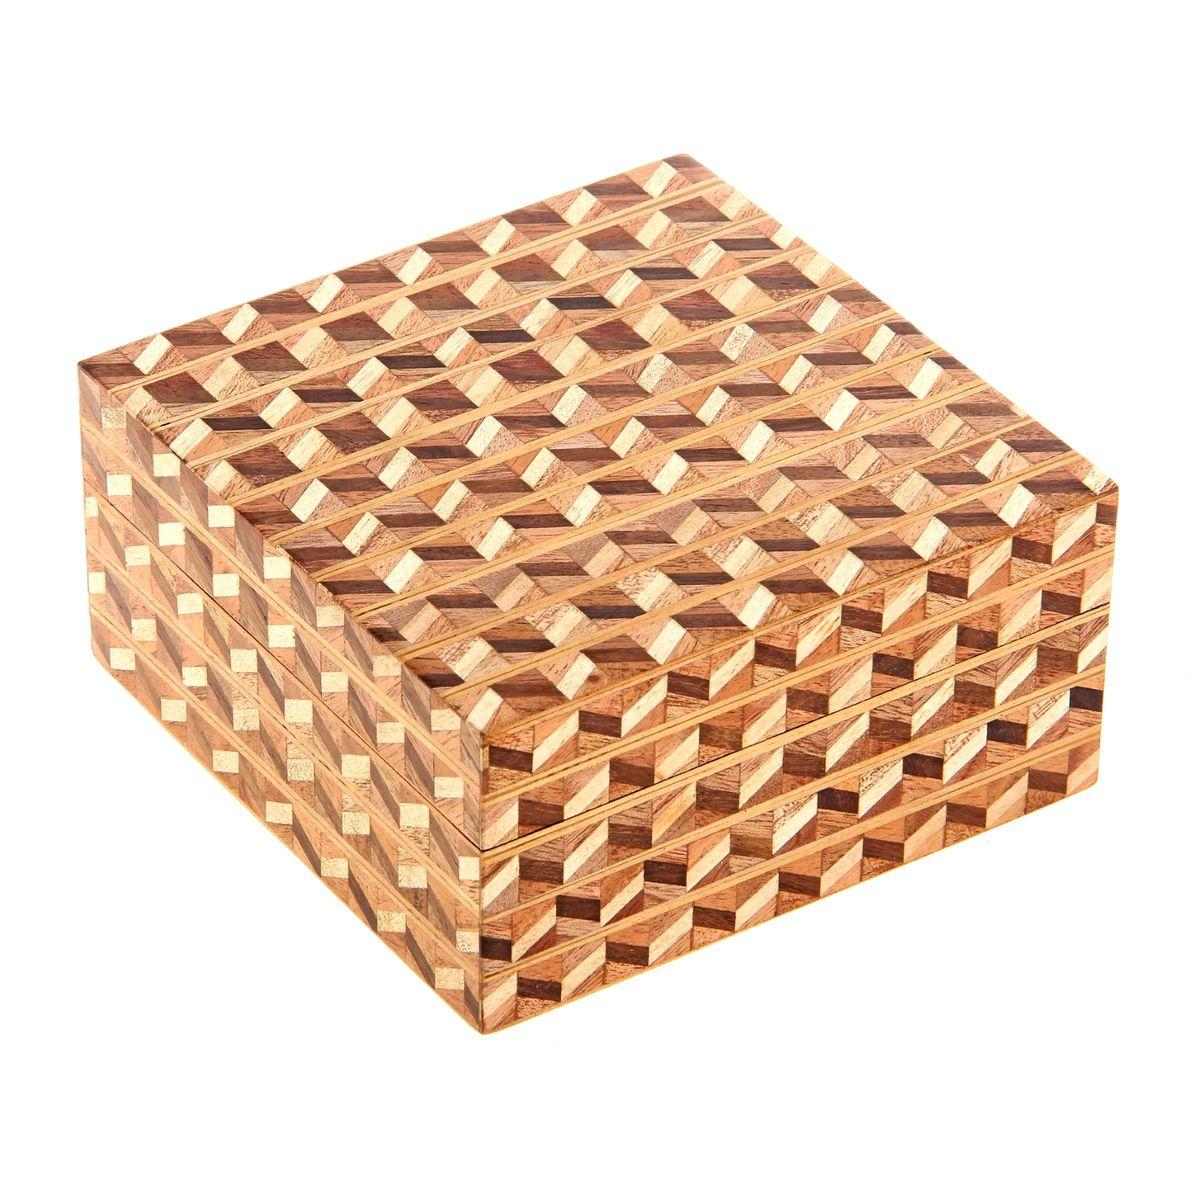 Шкатулка Sima-land Паркет, 13 см х 13 см х 6,5 смFS-80299Шкатулка Sima-land Паркет изготовлена из дерева - натурального материала, словно пропитанного теплом яркого солнца. Изделие украшено узором. Внутри одно отделение. Такая шкатулка - не простой сувенир. Ее функция не только декоративная, но и сугубо практическая - служить удобным и надежным местом для хранения самых разных мелочей. Разумеется, особо неравнодушны к этим элегантным предметам интерьера женщины. Мастерицы кладут в шкатулки швейные и рукодельные принадлежности. Модницы и светские львицы - любимые украшения и аксессуары. И, конечно, многие представительницы прекрасного пола хранят в шкатулках, убранных в укромный уголок, какие-то памятные знаки: фотографии, старые письма, сувениры, напоминающие о важных событиях и особо счастливых моментах, сухие лепестки роз и другие небольшие сокровища.